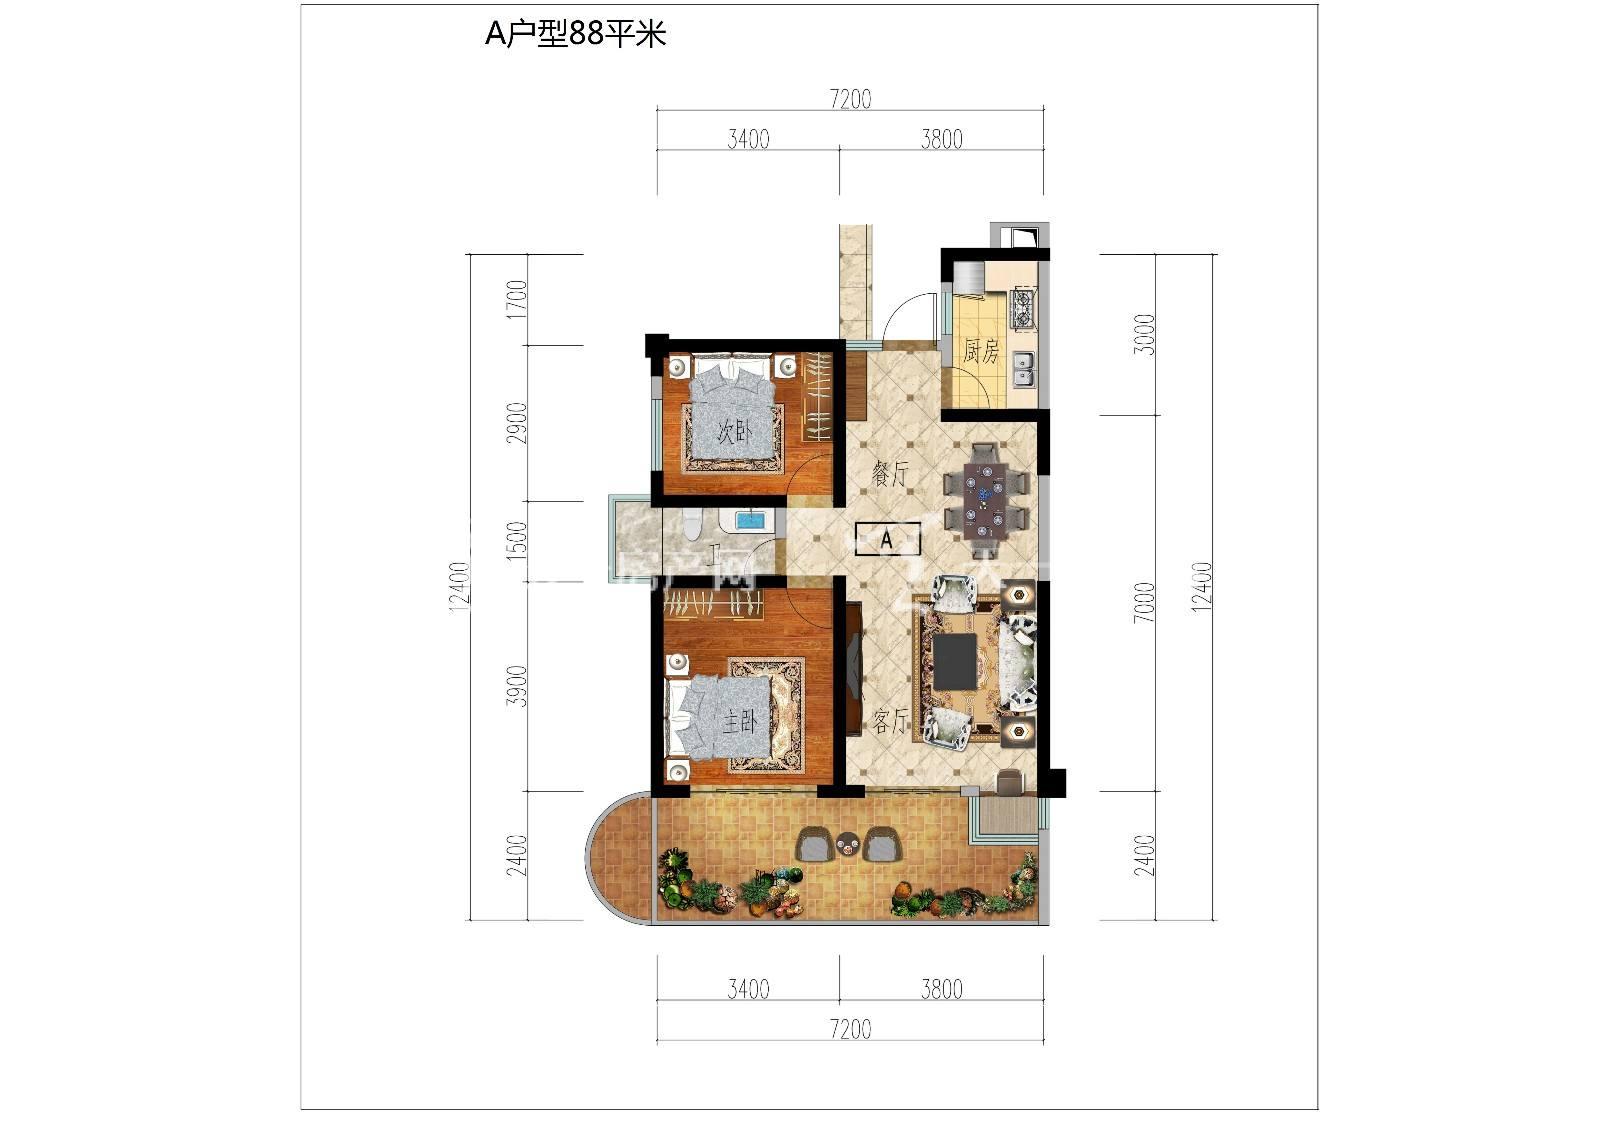 古滇名城1号楼A户型2房建筑面积88平米.jpg